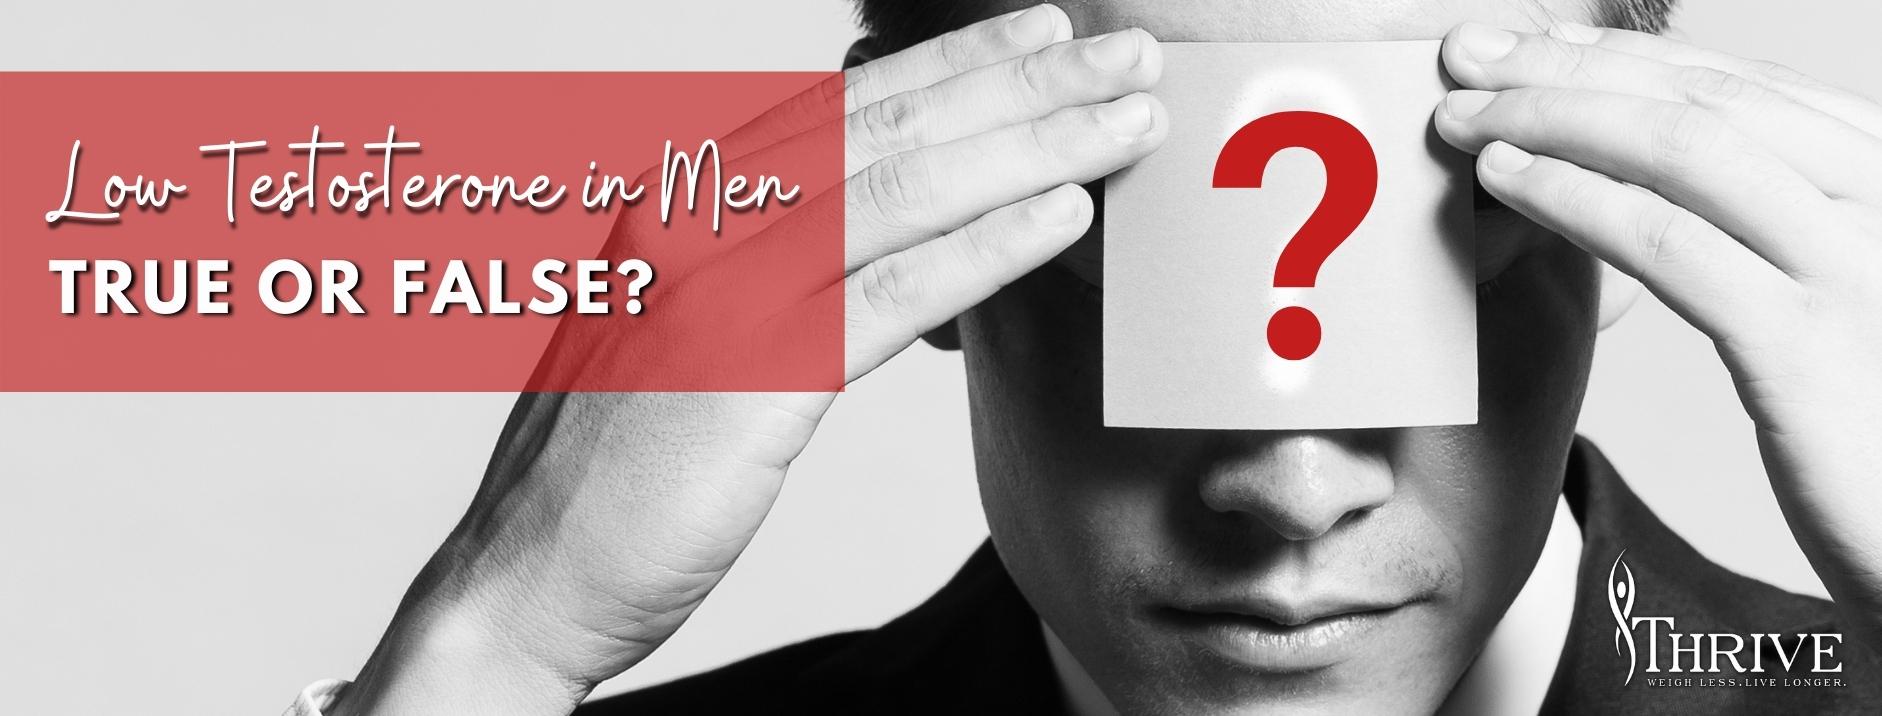 Low Testosterone in Men, true or false